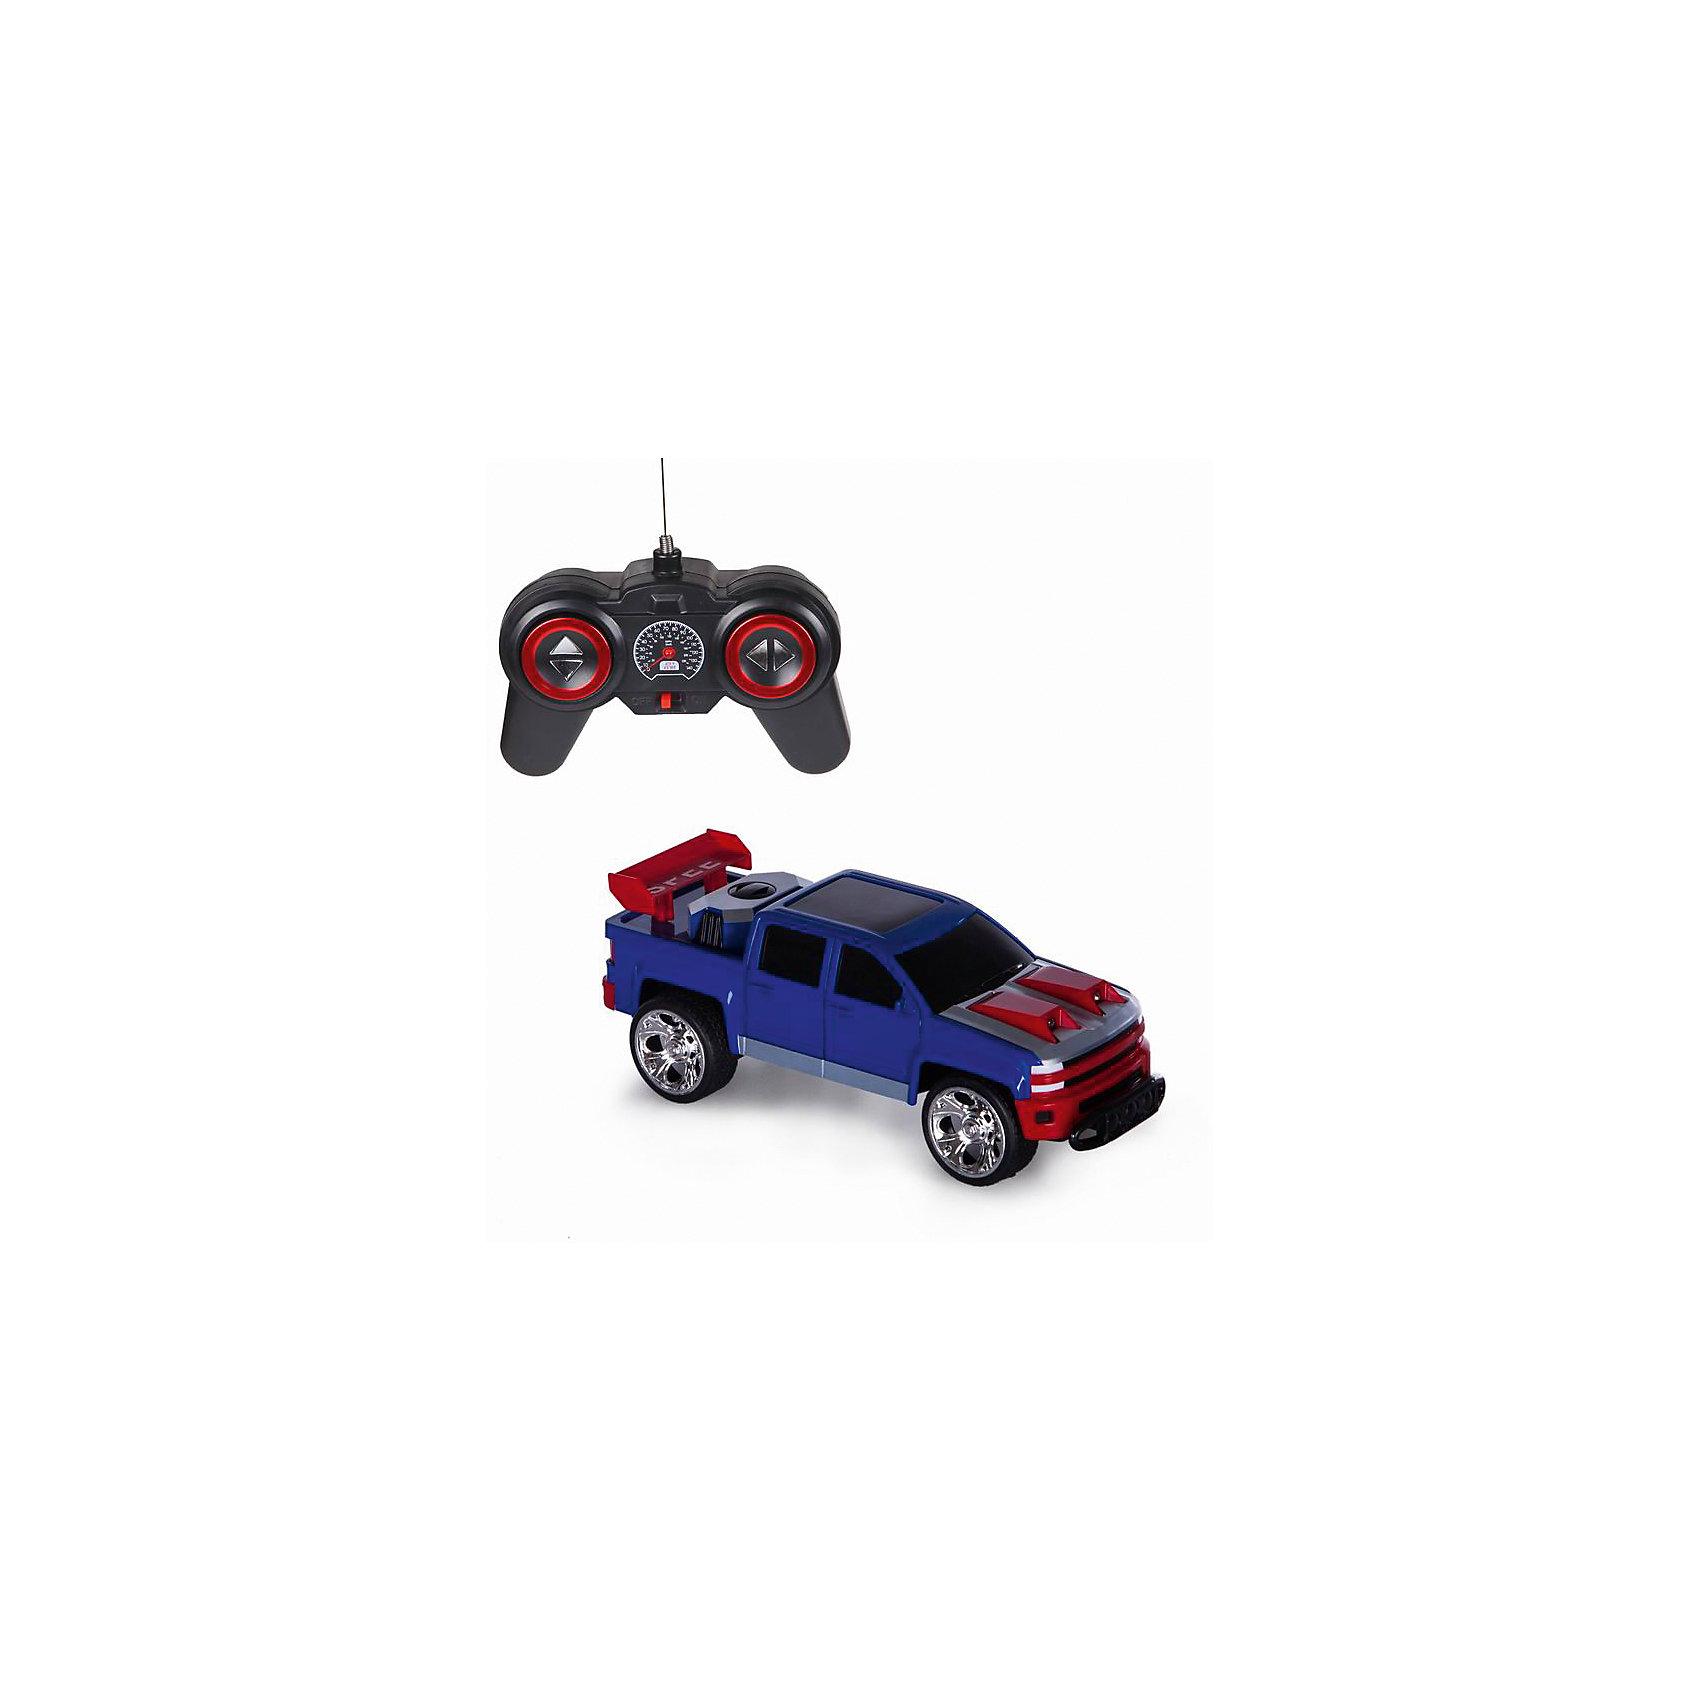 Радиоуправляемая машинка Yako Toys АвтоТаранРадиоуправляемые машины<br>Радиоуправляемая машинка АвтоТаран работает от аккумулятора, который легко подзарядить от системы питания. Большие колеса позволяют данной модели преодолевать небольшие препятствия. Машинка легко управляется с помощью пульта, с которым очень просто разобраться. Автомобиль маневренный, с легкостью движется и поворачивает влево, вправо, назад, вперед.<br><br>Ширина мм: 320<br>Глубина мм: 140<br>Высота мм: 150<br>Вес г: 800<br>Возраст от месяцев: 36<br>Возраст до месяцев: 72<br>Пол: Мужской<br>Возраст: Детский<br>SKU: 7172273